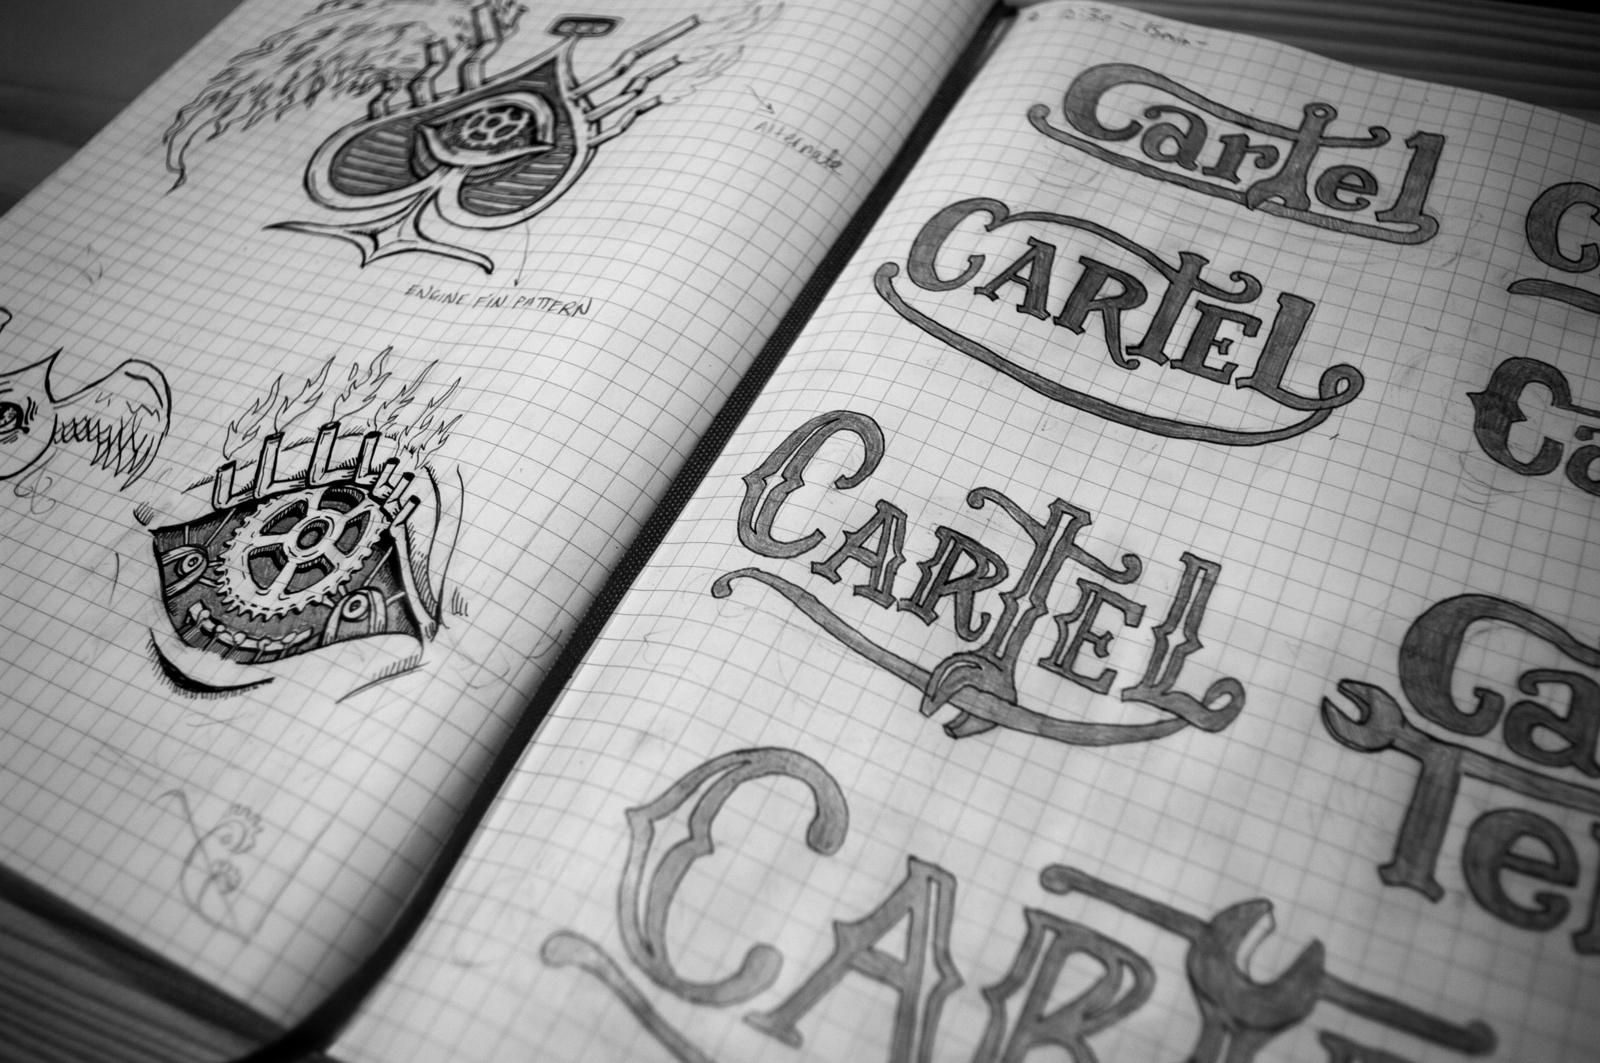 CarTelVDSketch_Detail_Med.jpg